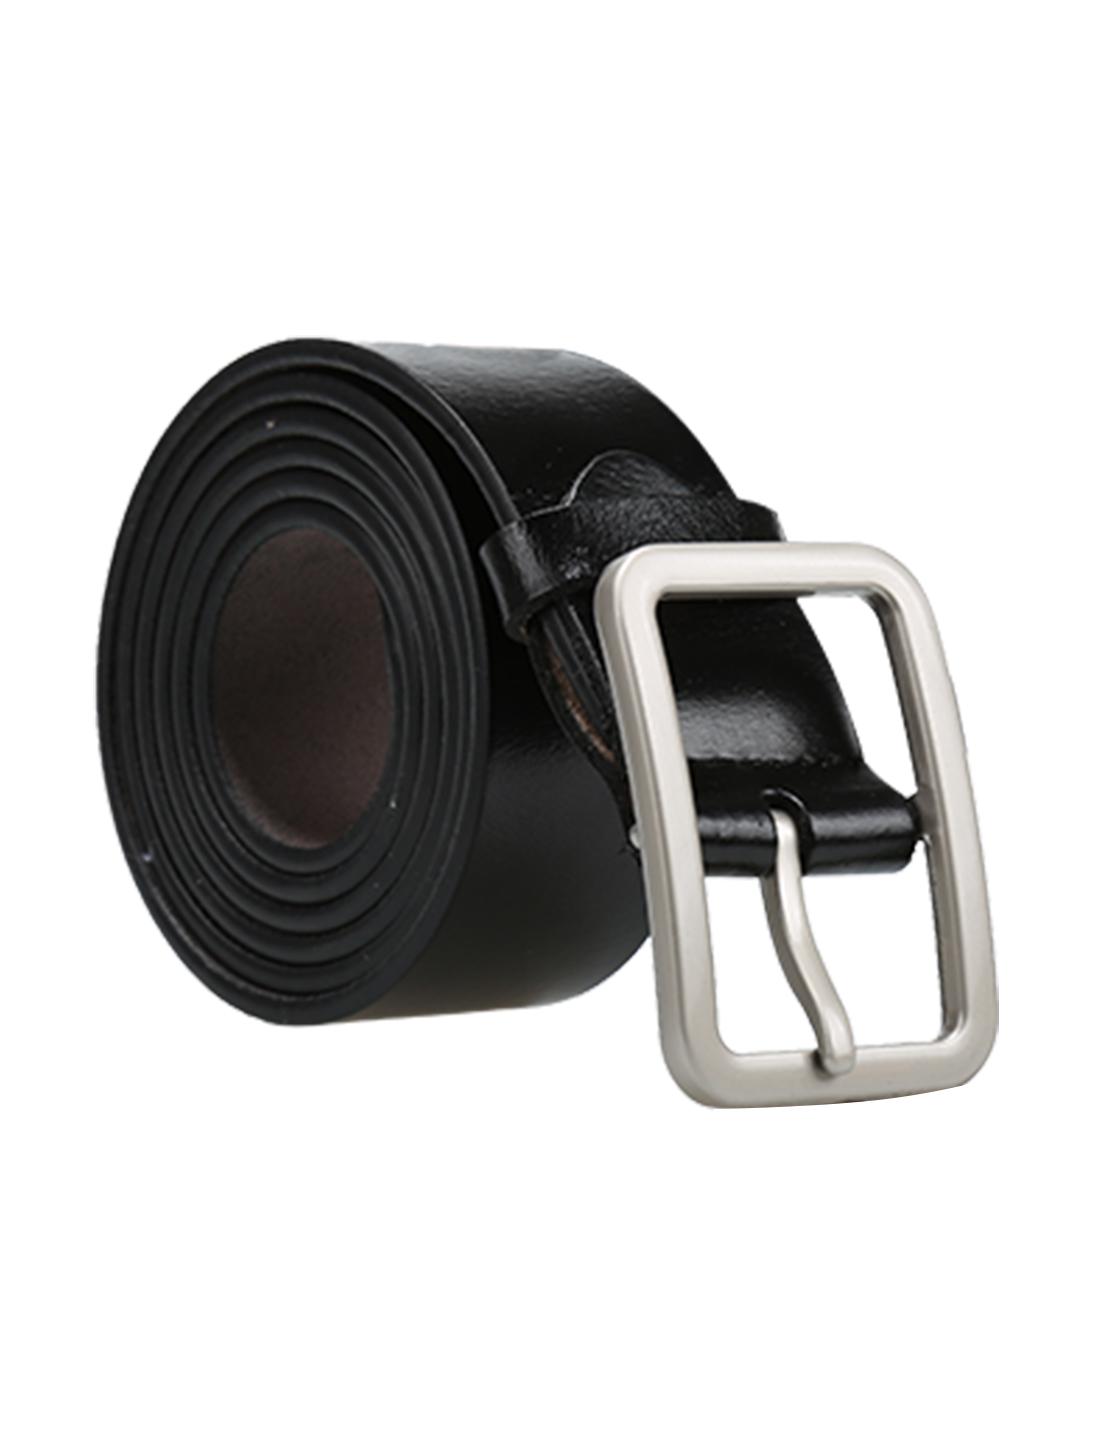 Men Fashion Single Pin Buckle Leather Belt 33mm Width 1 1/4 Black 120cm